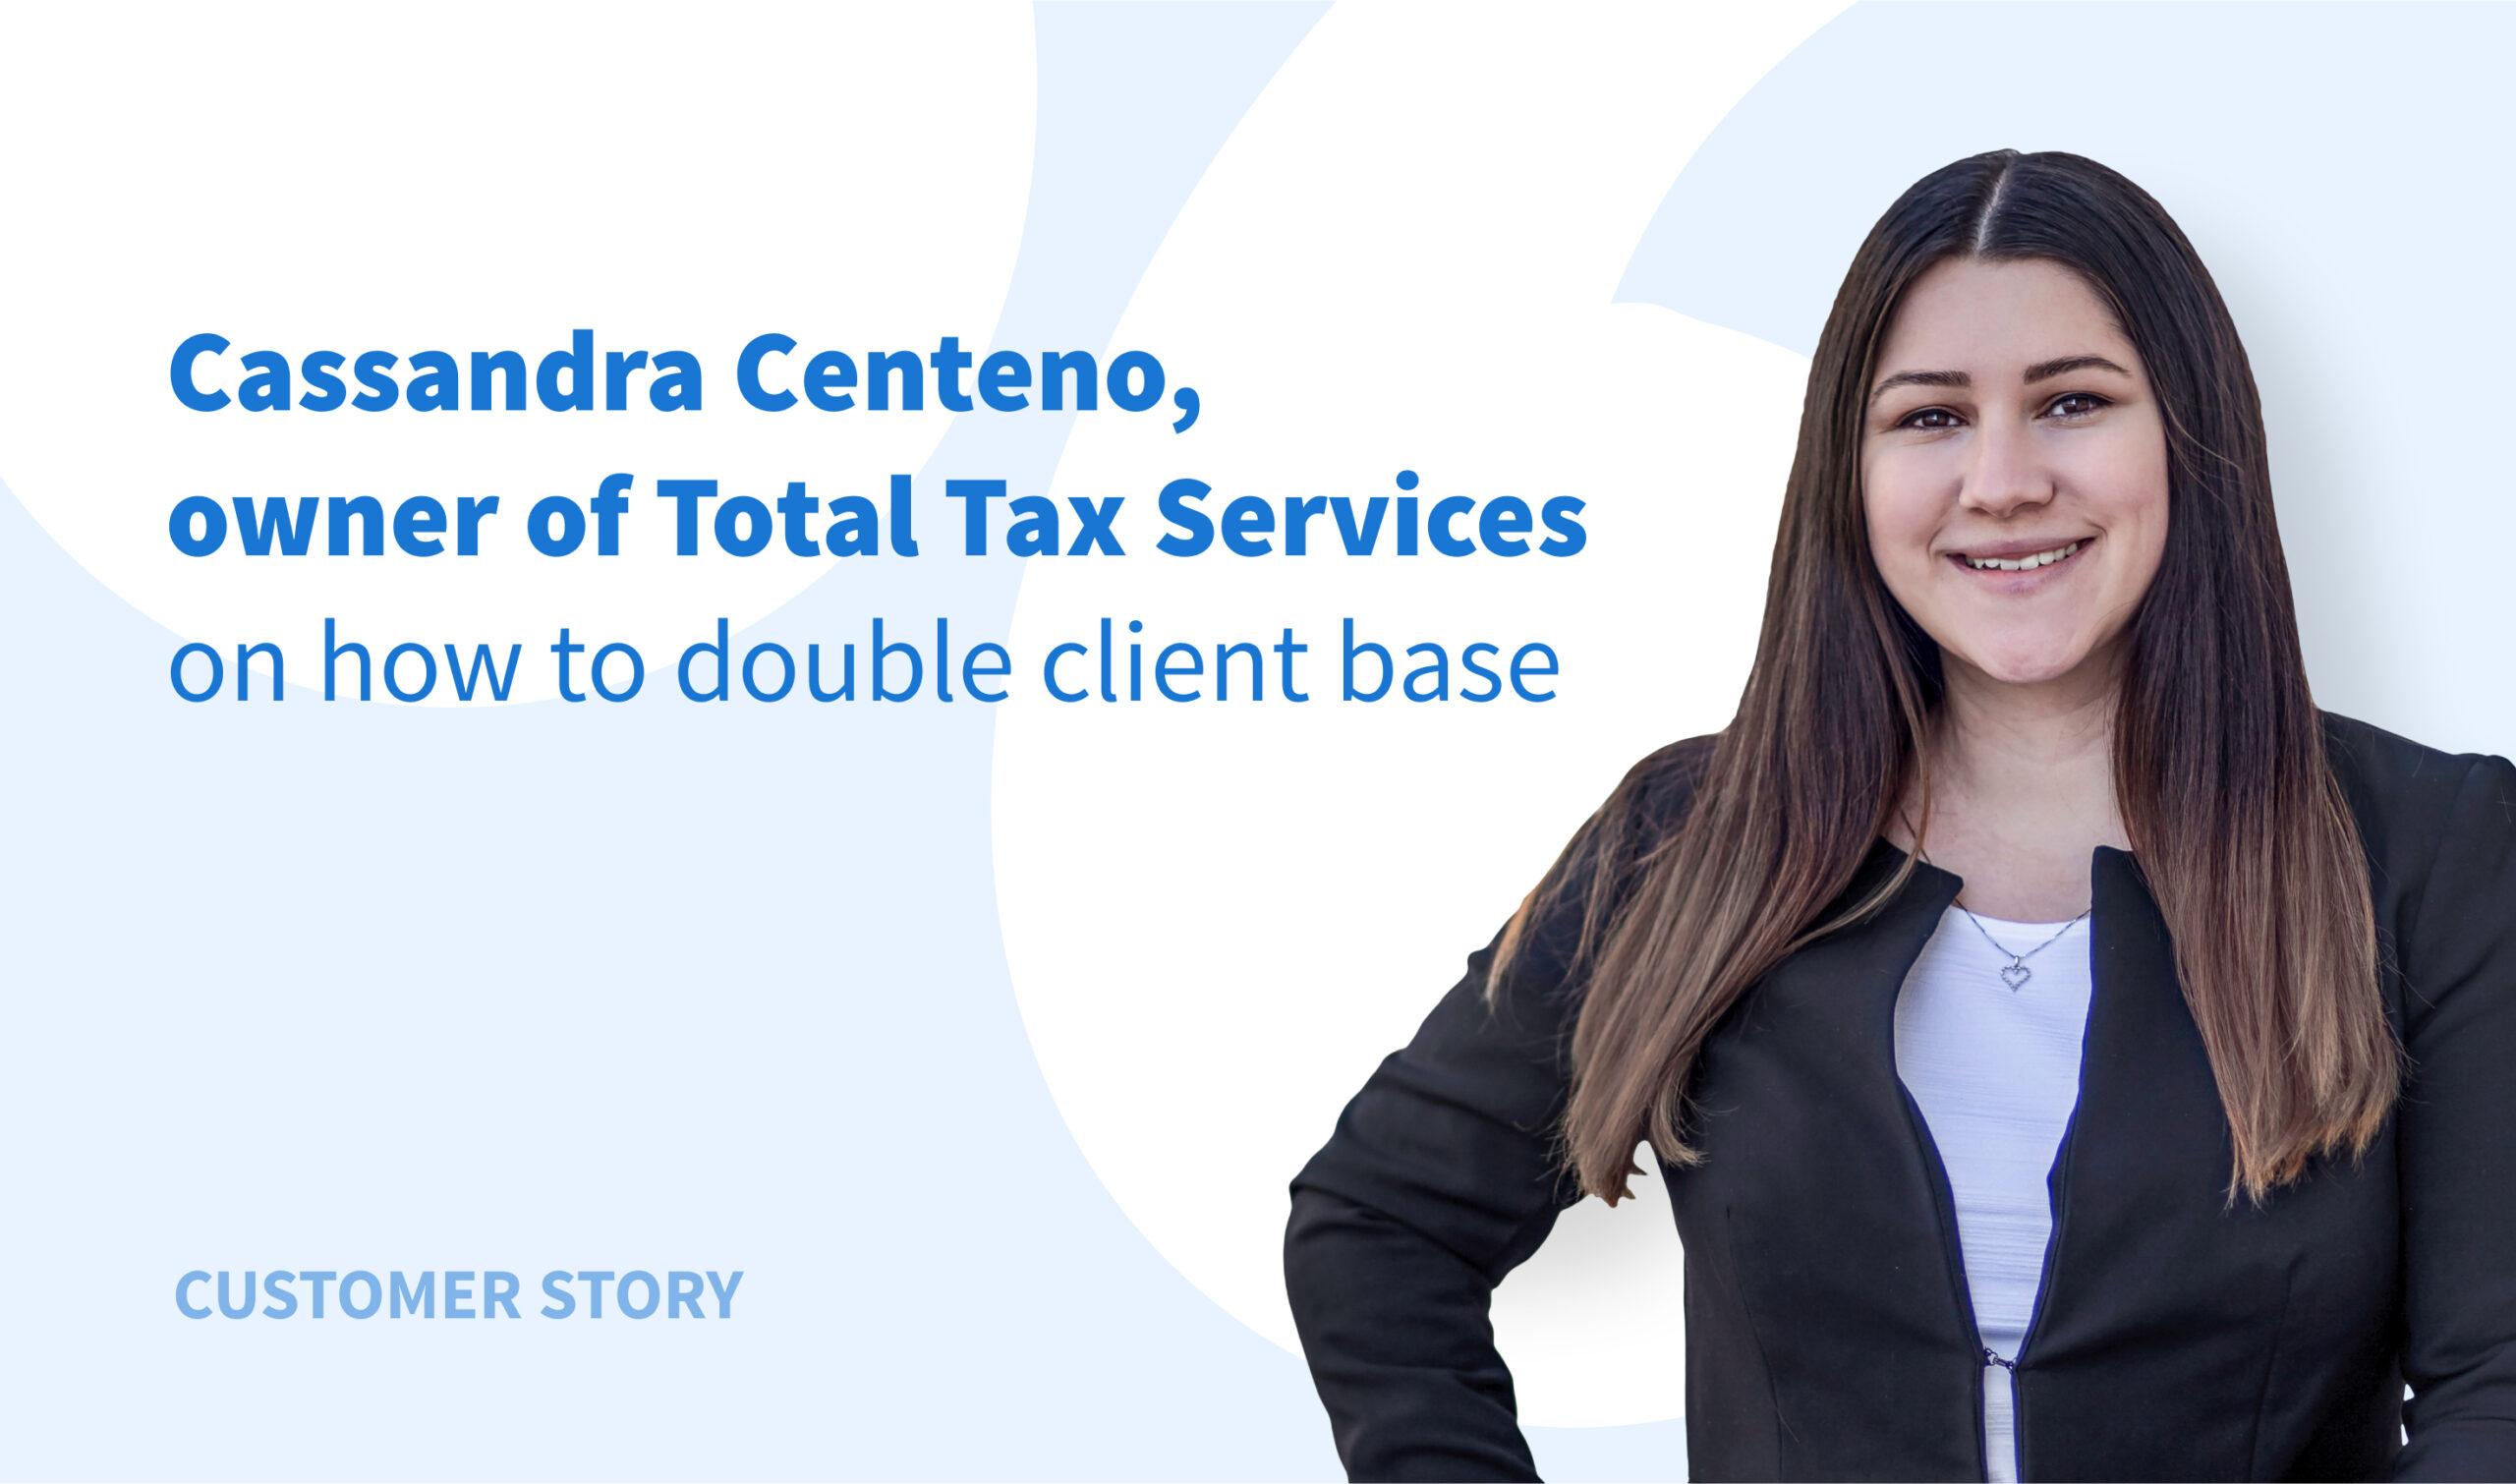 Esperienza di Total Tax Services: Come raddoppiare il numero dei clienti con il minimo sforzo